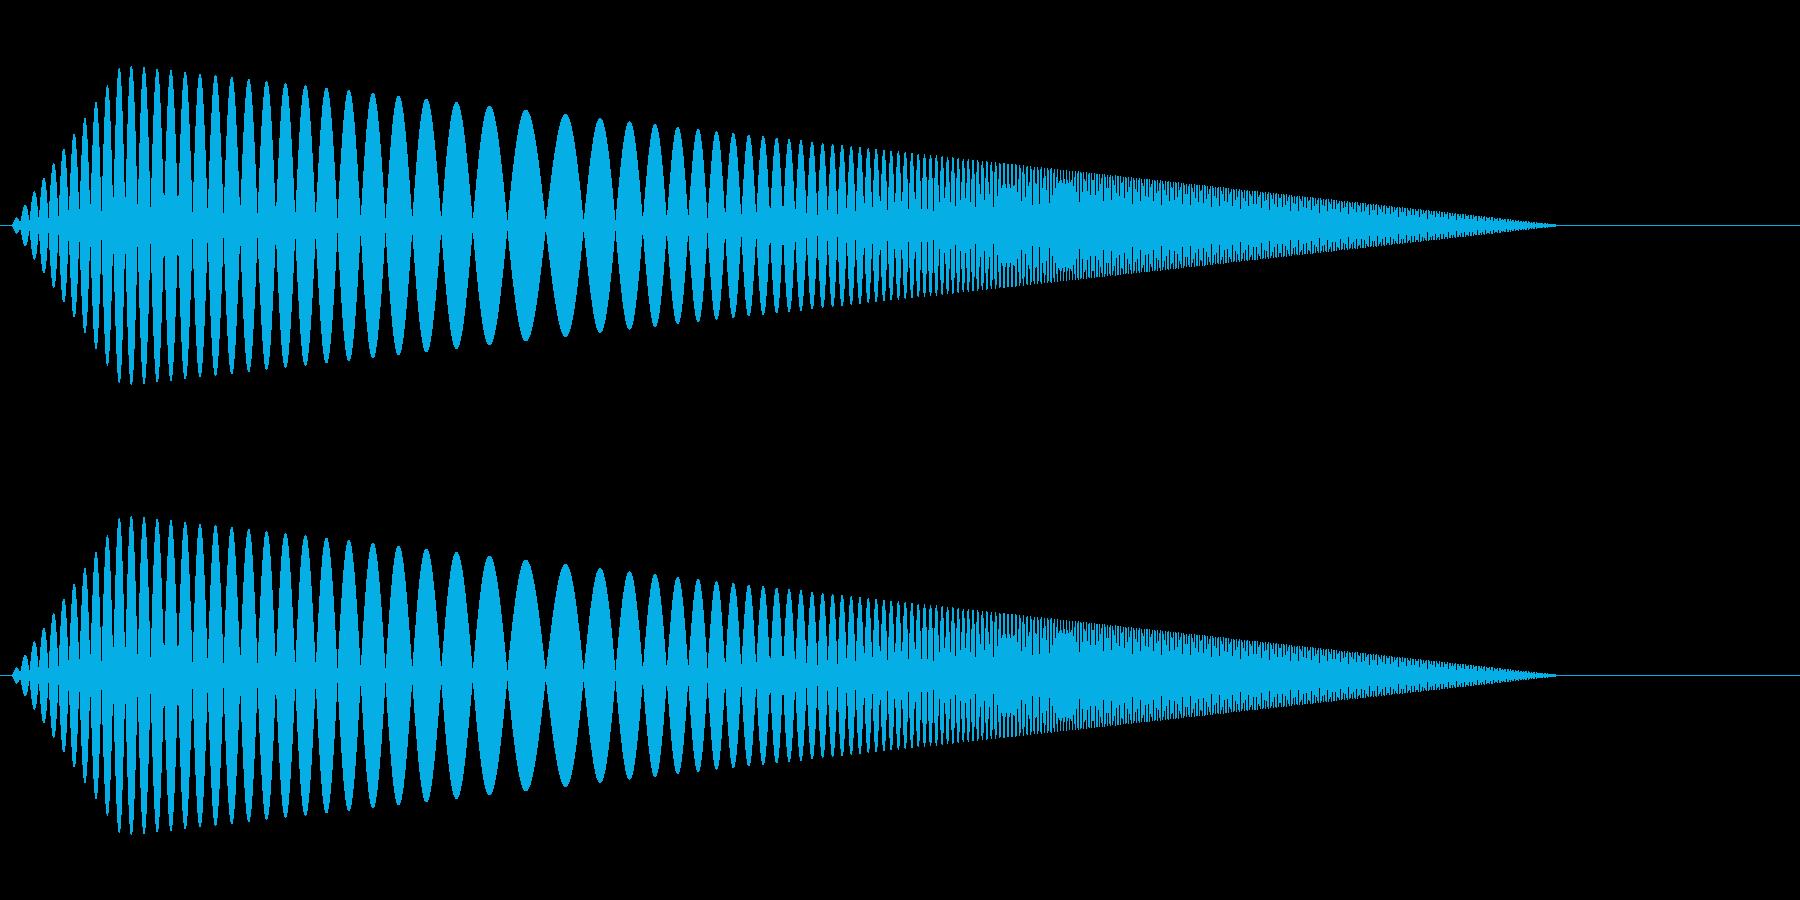 【コミカル】肉球・足音・スタンプ3の再生済みの波形